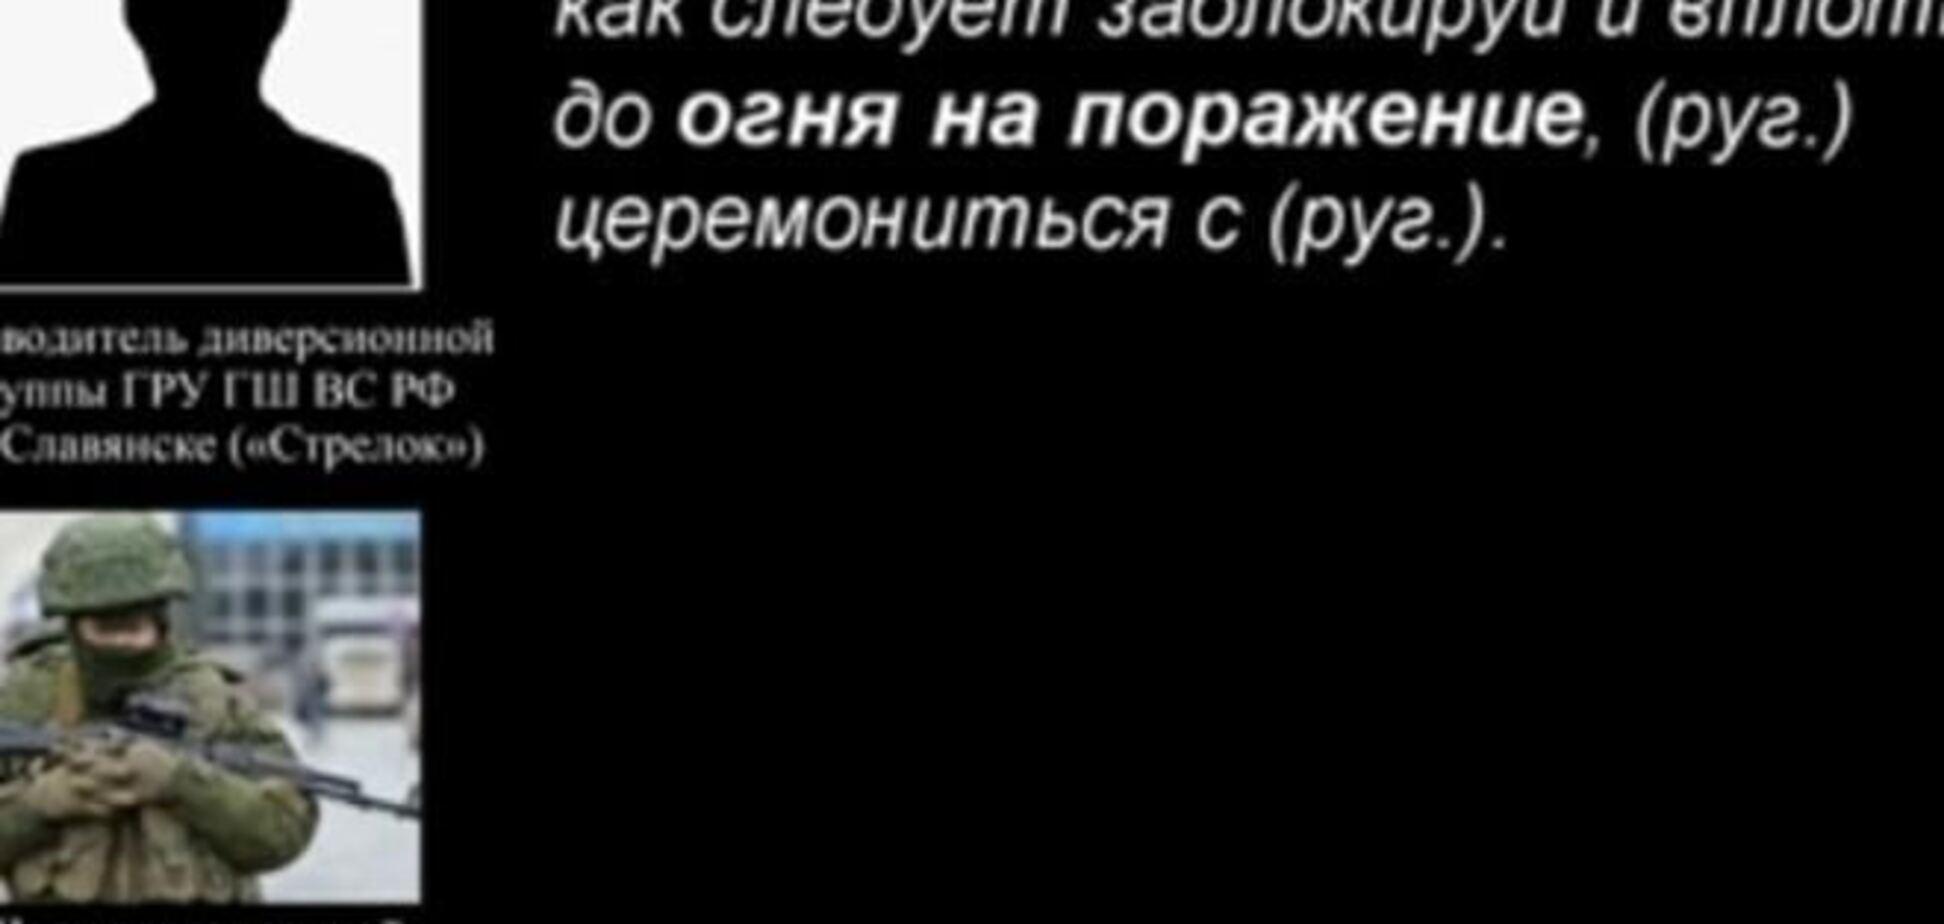 В Славянске погиб российский диверсант 'Ромашка', который, возможно, стрелял на Майдане